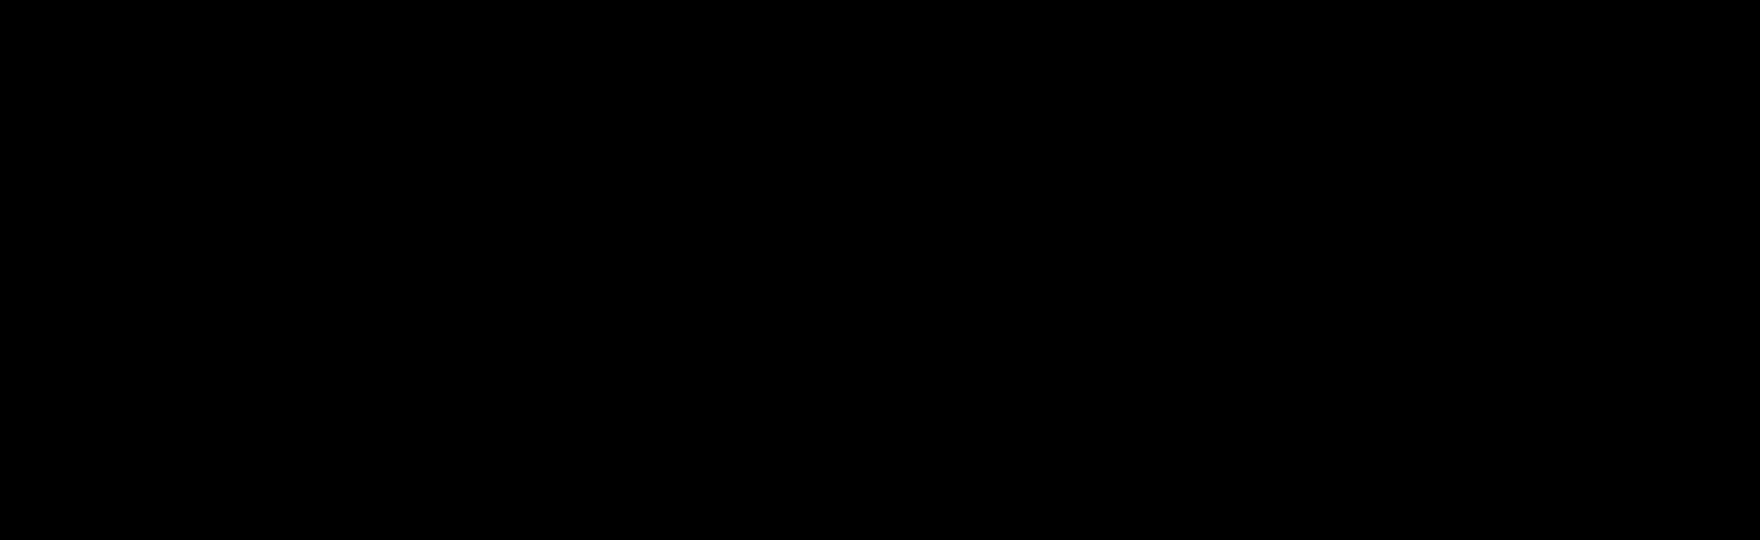 Albendazole-d<sub>3</sub> sulfone